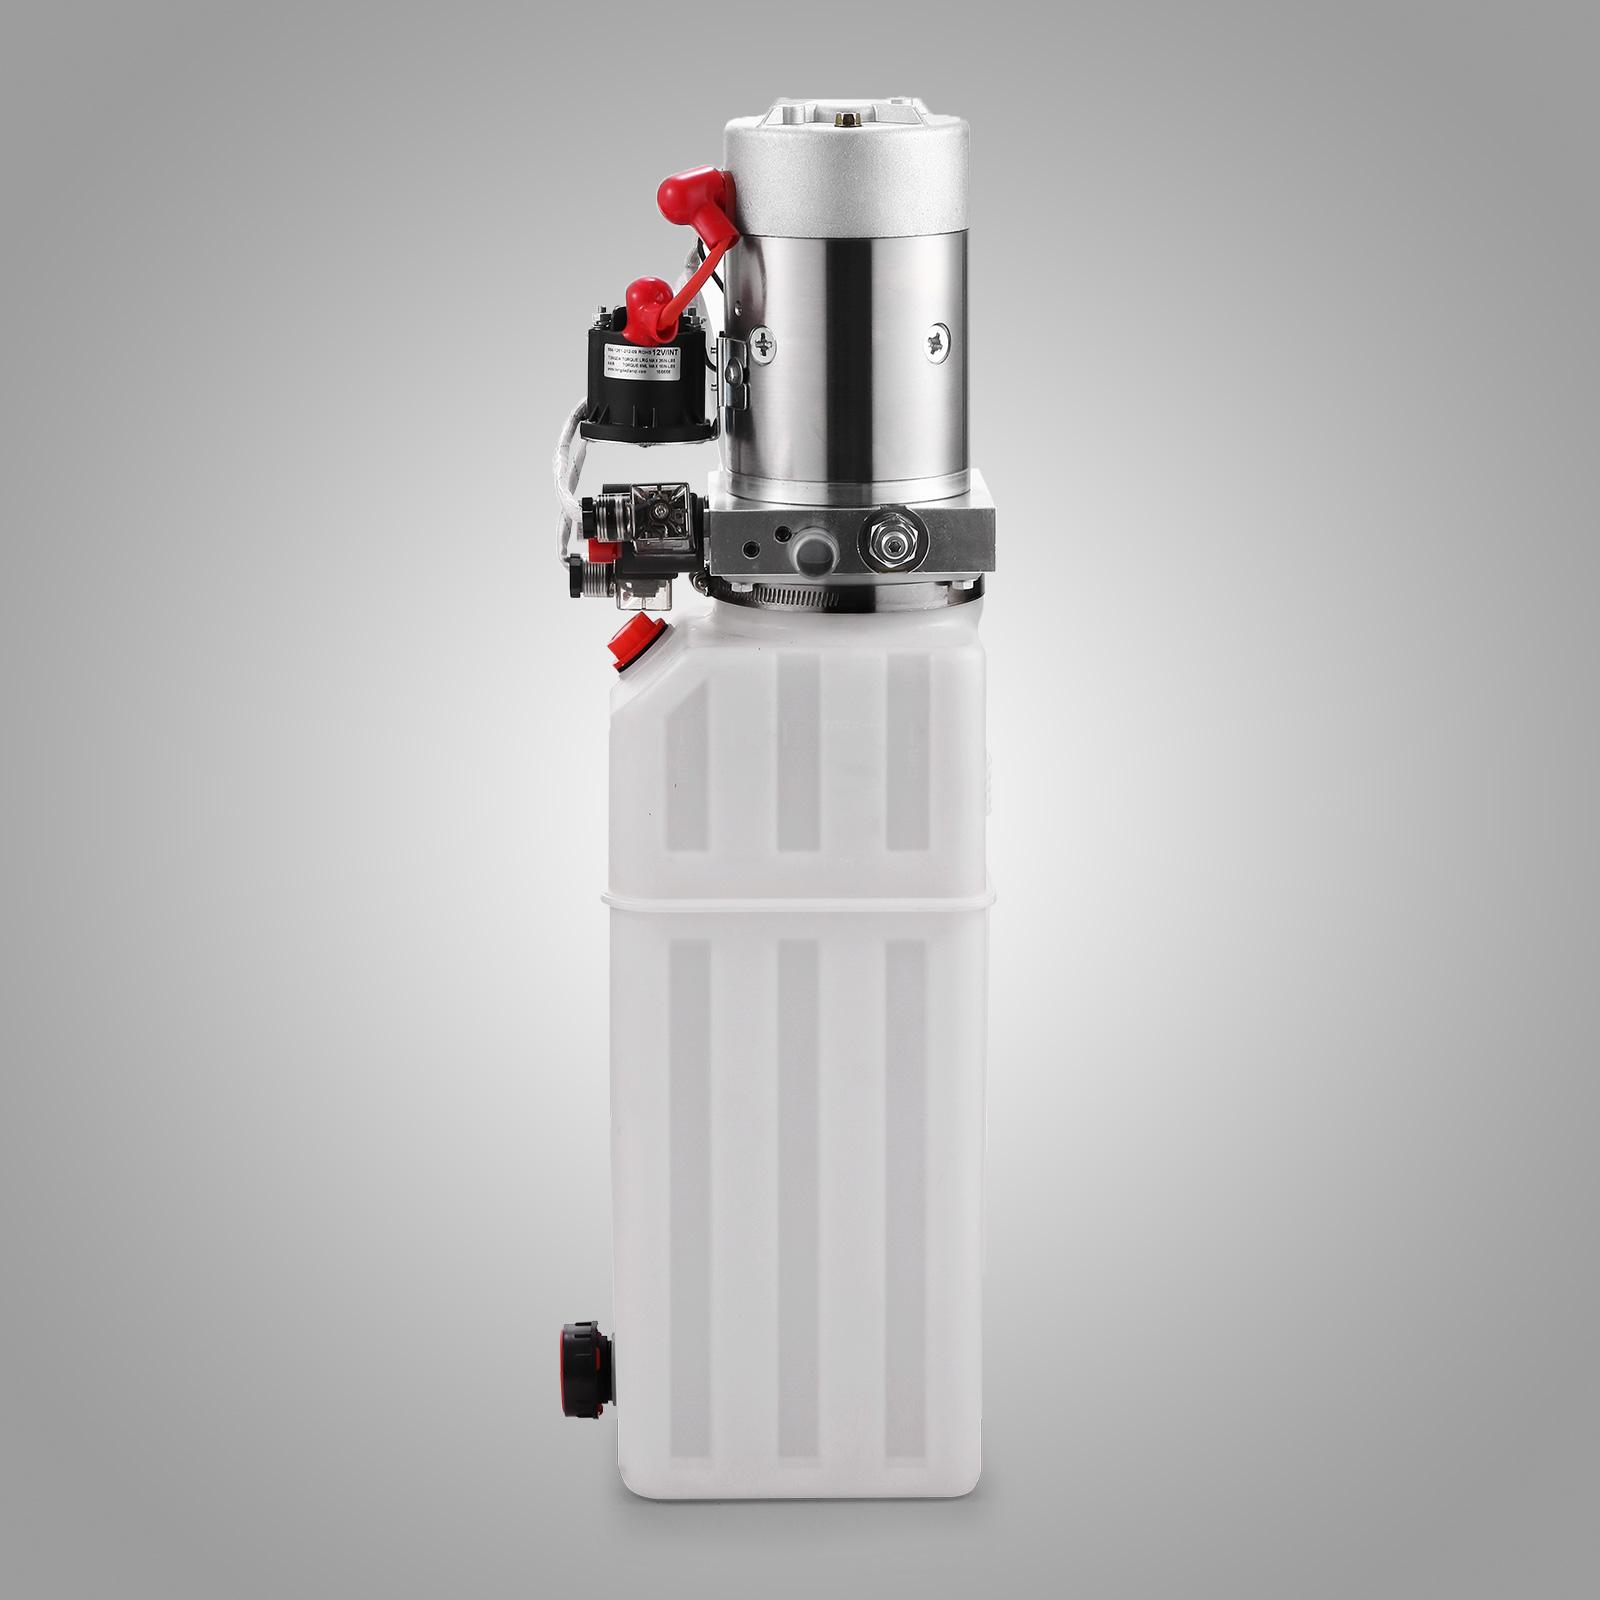 hydraulikaggregat hydraulik pumpe funk 12v 10l lkw kipper anh nger ebay. Black Bedroom Furniture Sets. Home Design Ideas